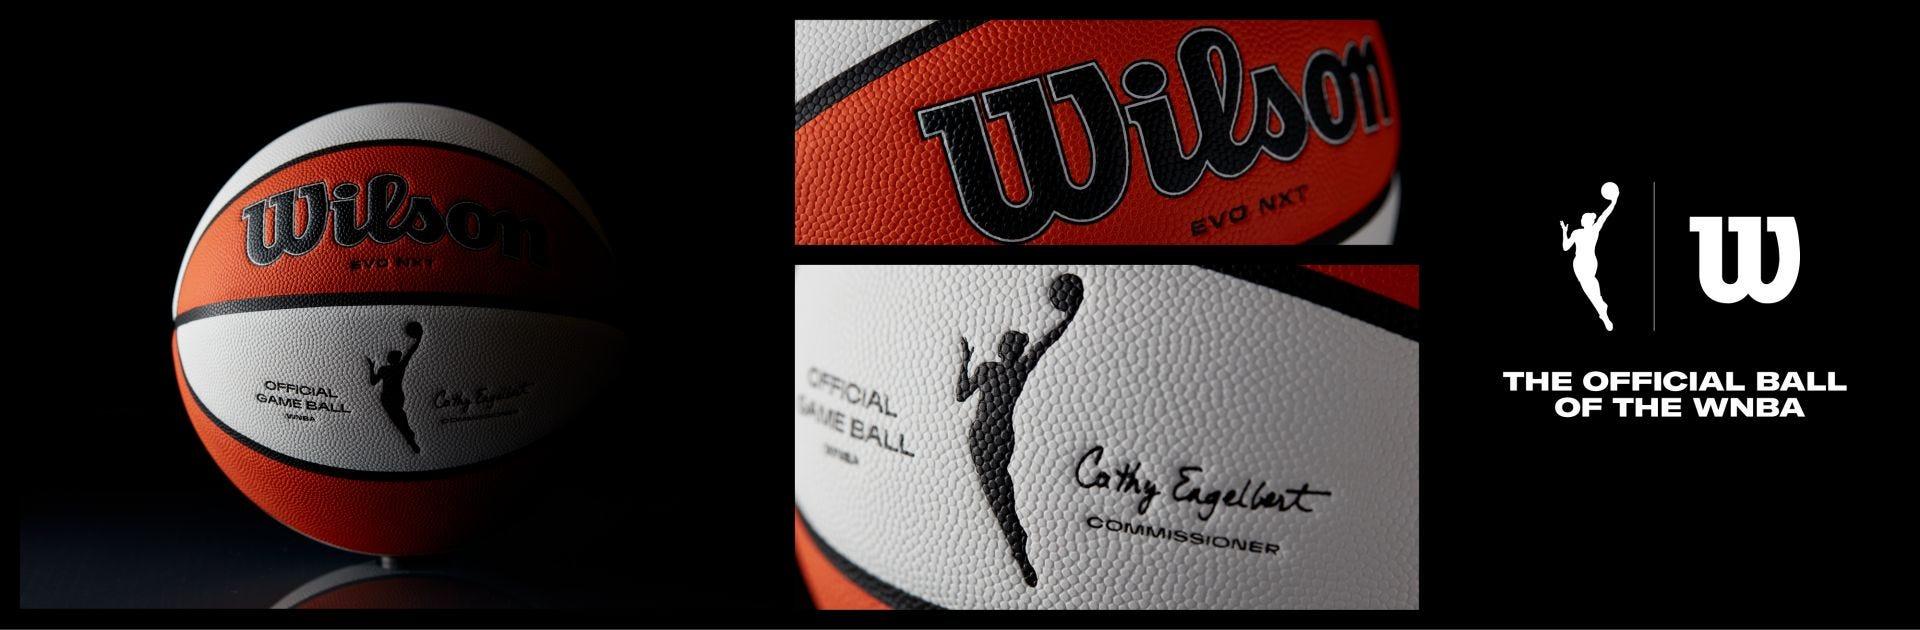 Image of new wnba ball